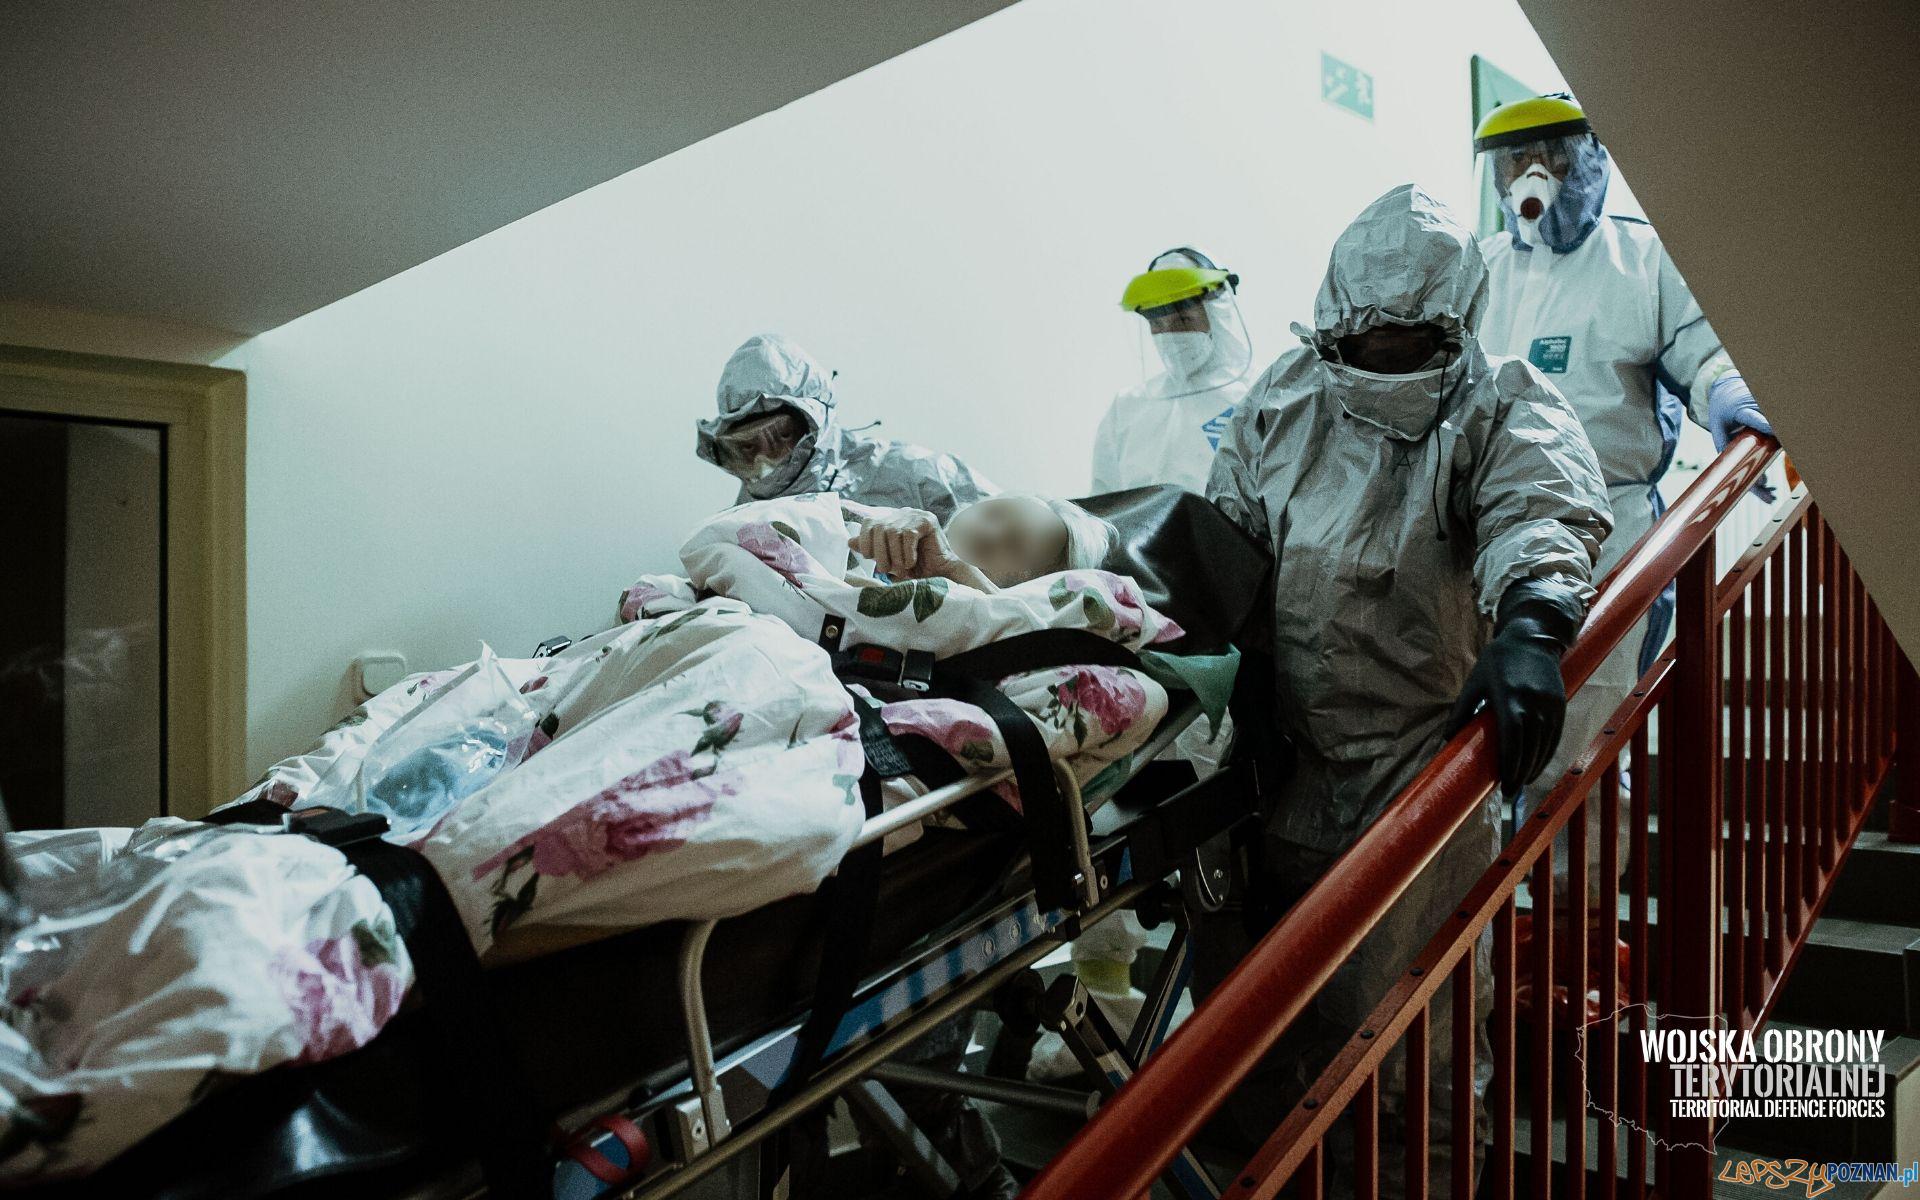 Ewakuacja pensjonariuszy kaliskiego DPS zakończona  Foto: Terytorialsi